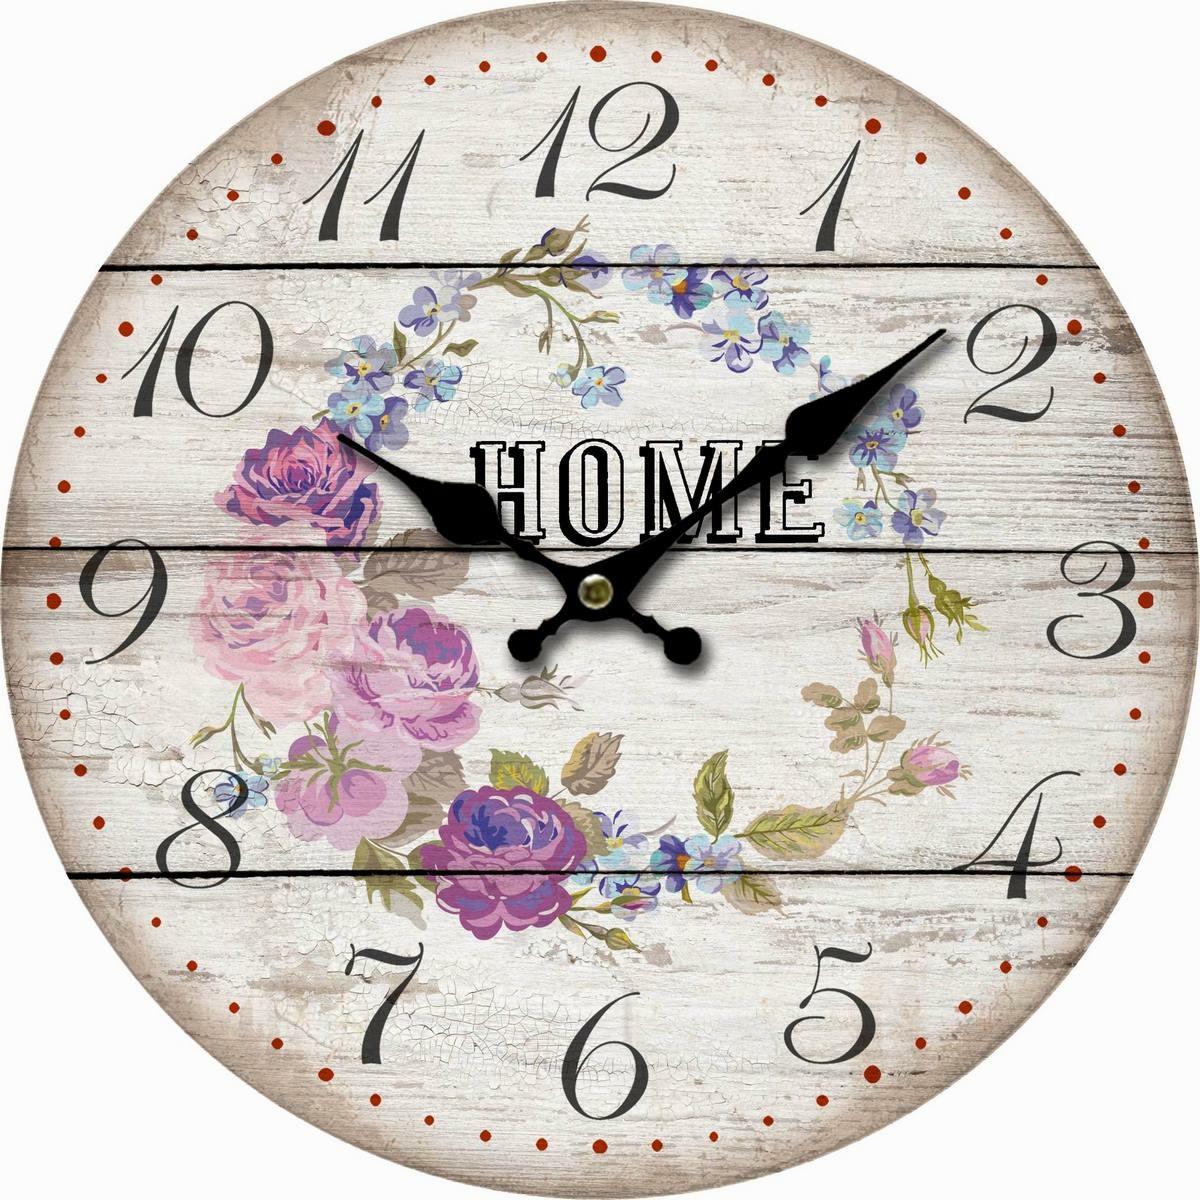 Dřevěné nástěnné hodiny Home and flowers, pr. 34 cm